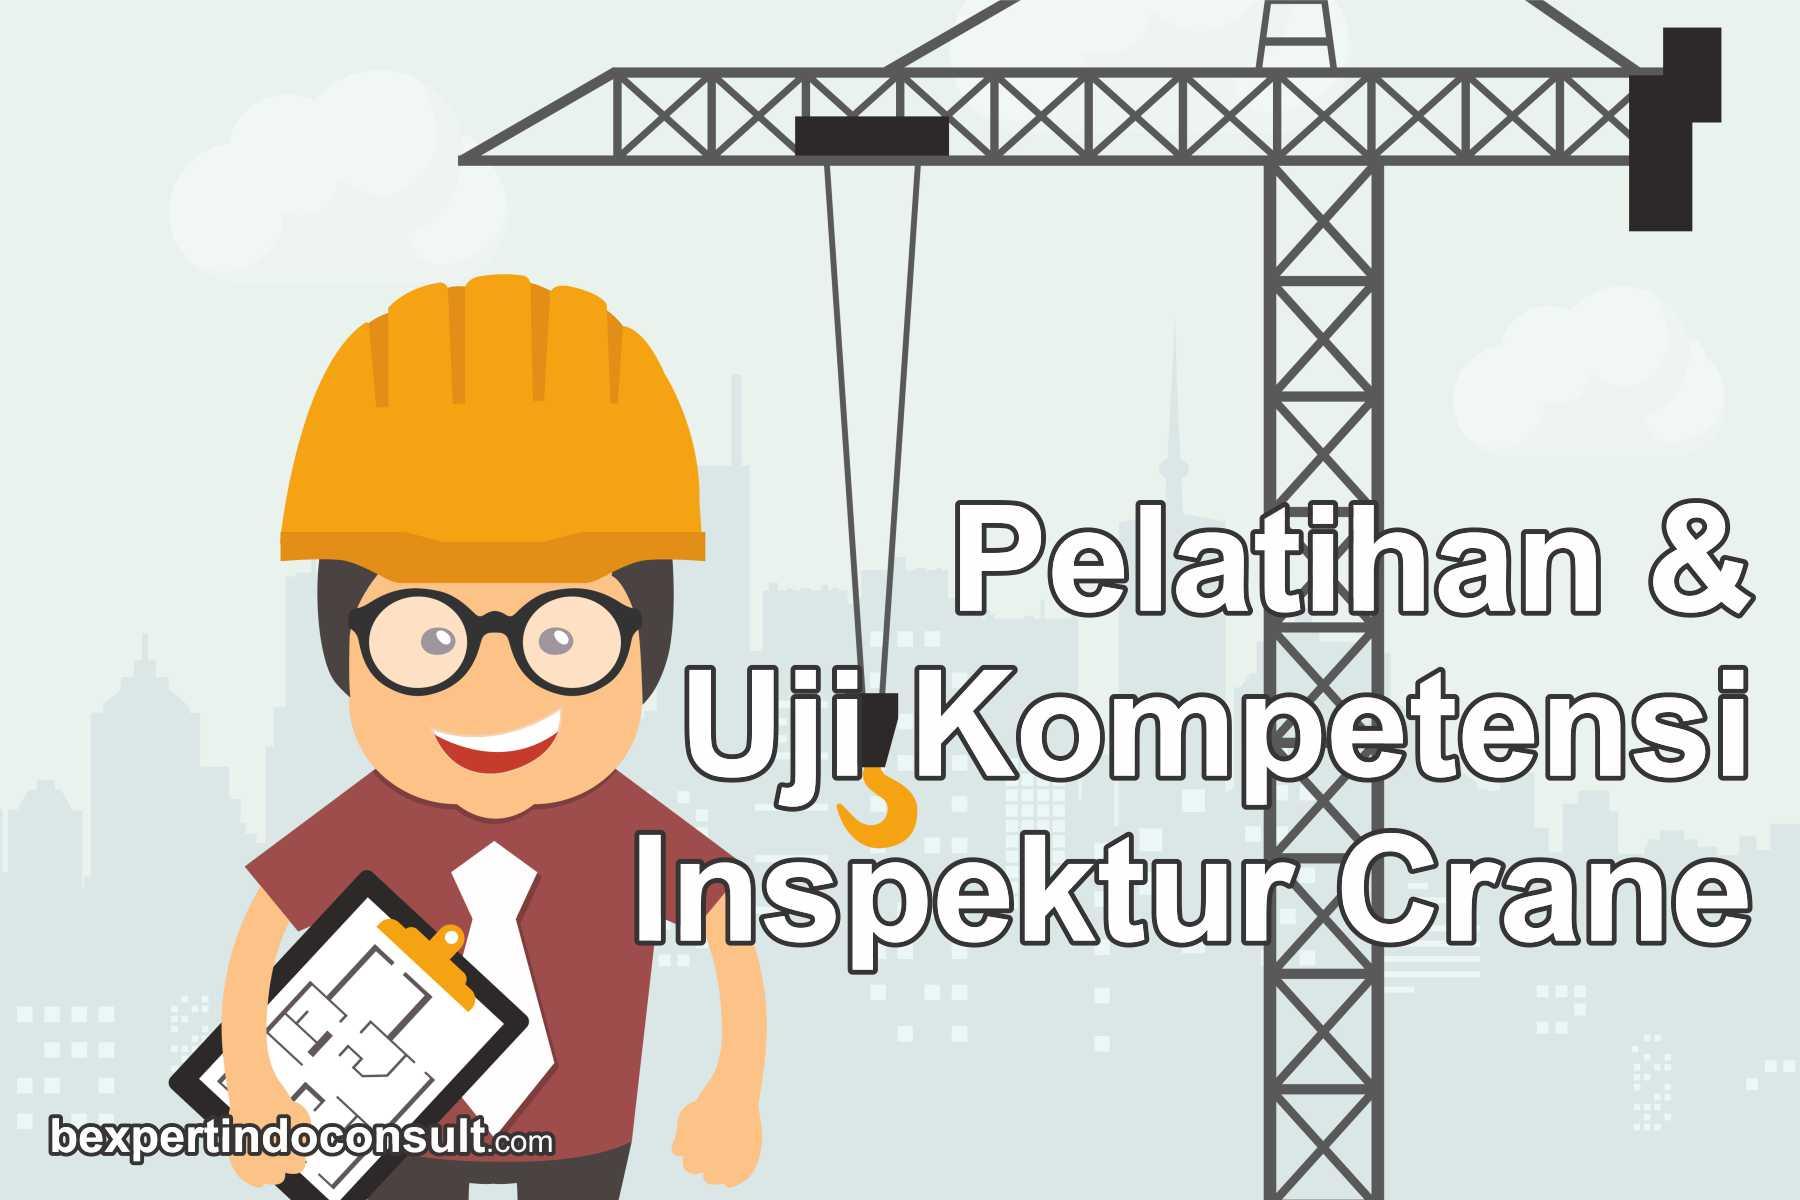 pelatihan & uji kompetensi inspektur crane